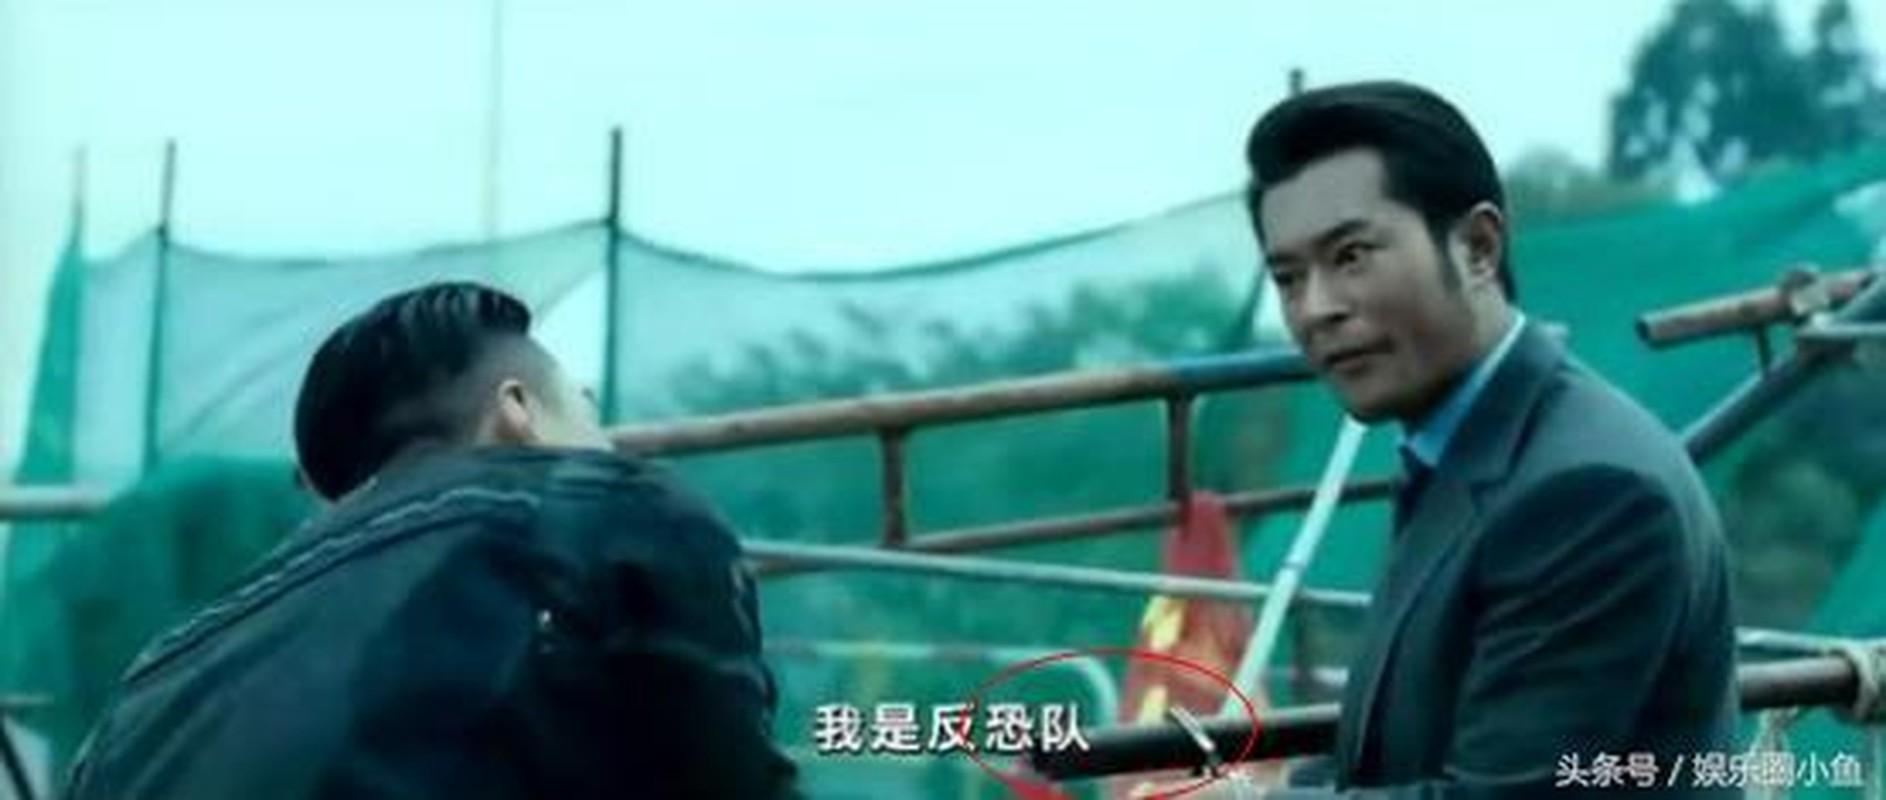 """""""Cuoi ra nuoc mat"""" voi san trong phim Trung Quoc-Hinh-4"""